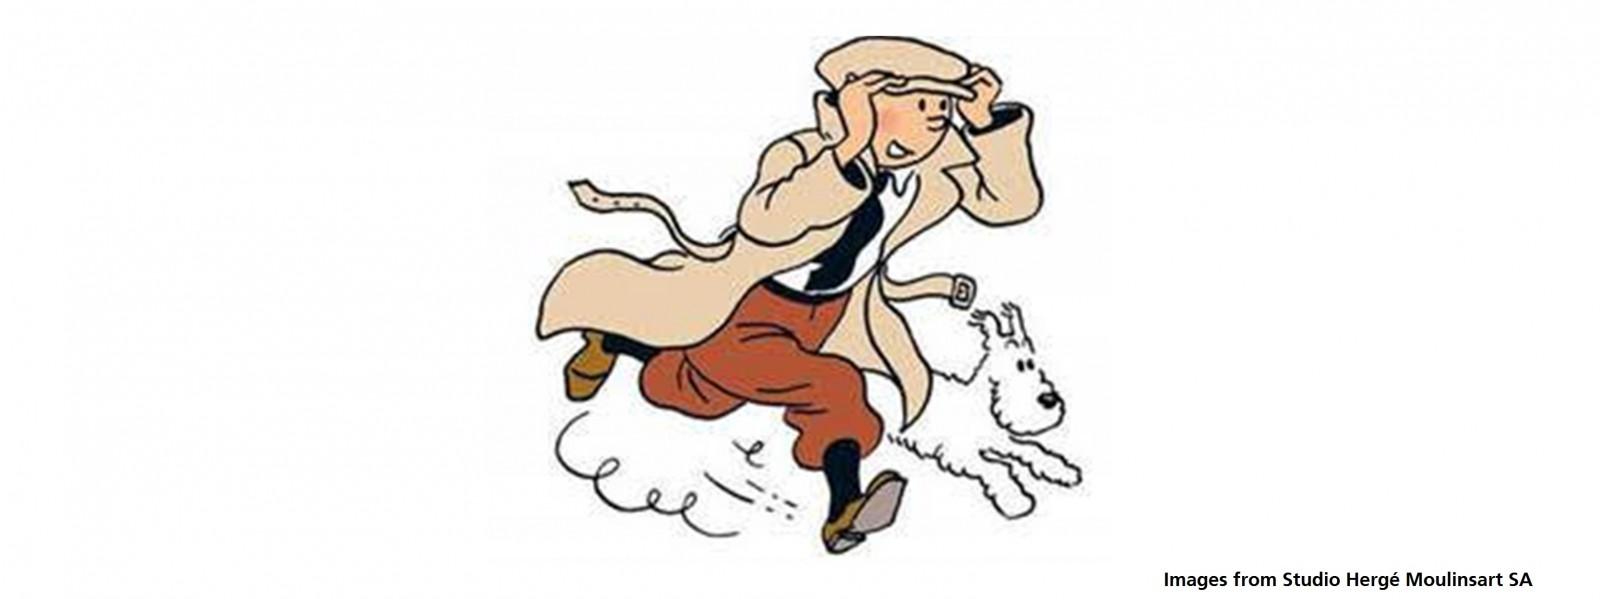 Tintin's 90th birthday